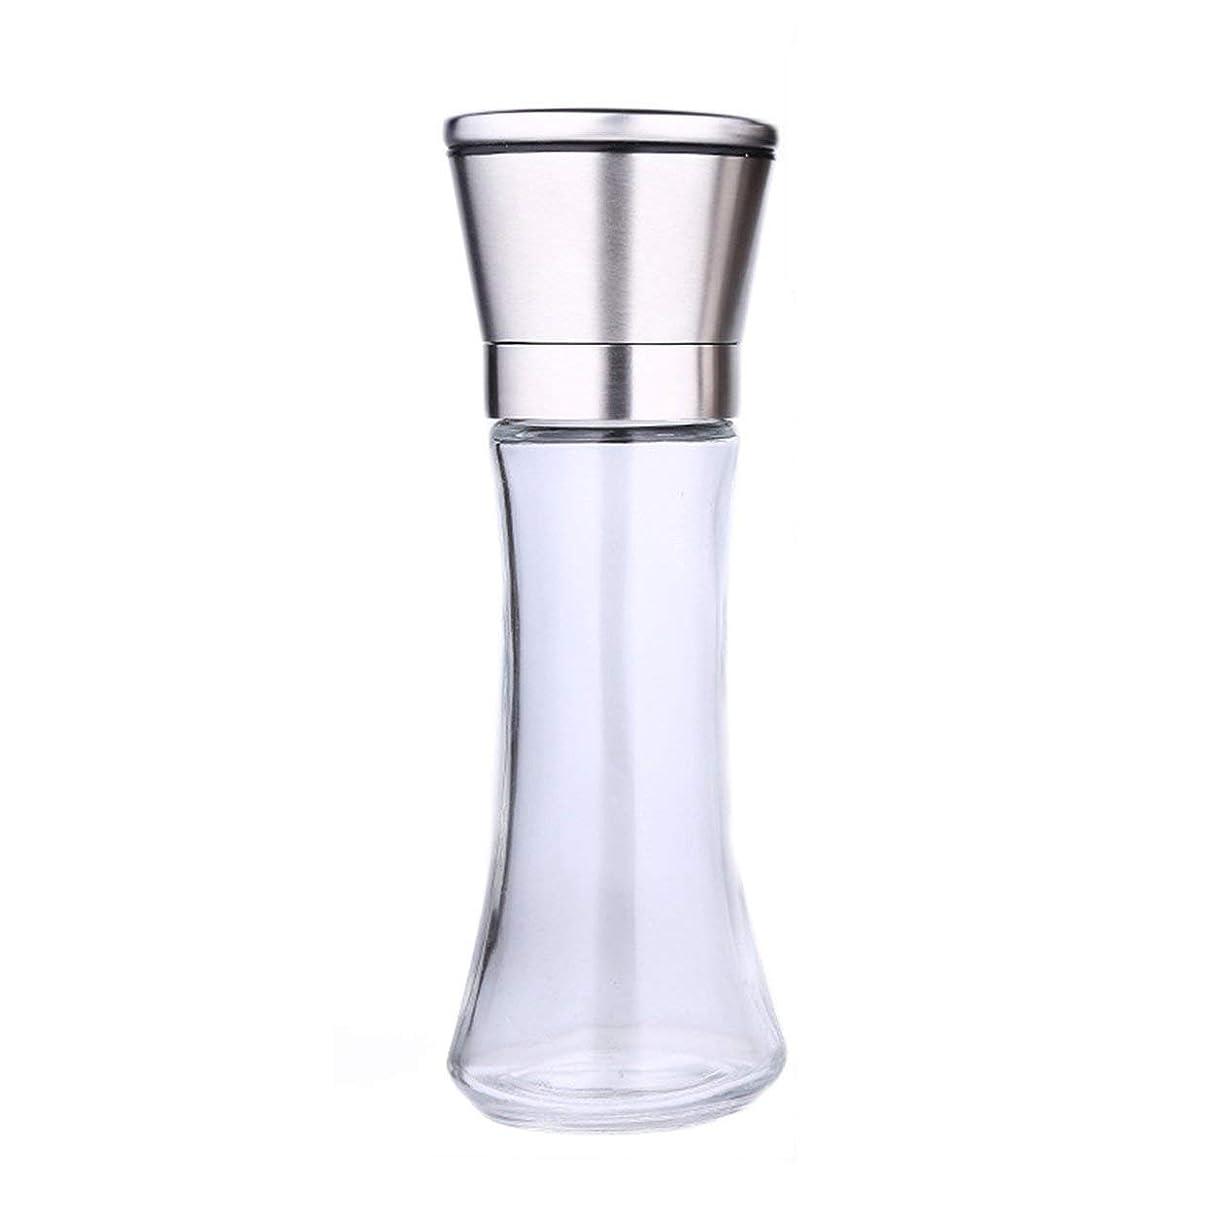 蒸部分的聞くSaikogoods スパイススリムガラス体のためのマニュアル ソルトペッパーミルグラインダーキッチンツール1ピースステンレスミュラーツールクッキングアクセサリー 銀